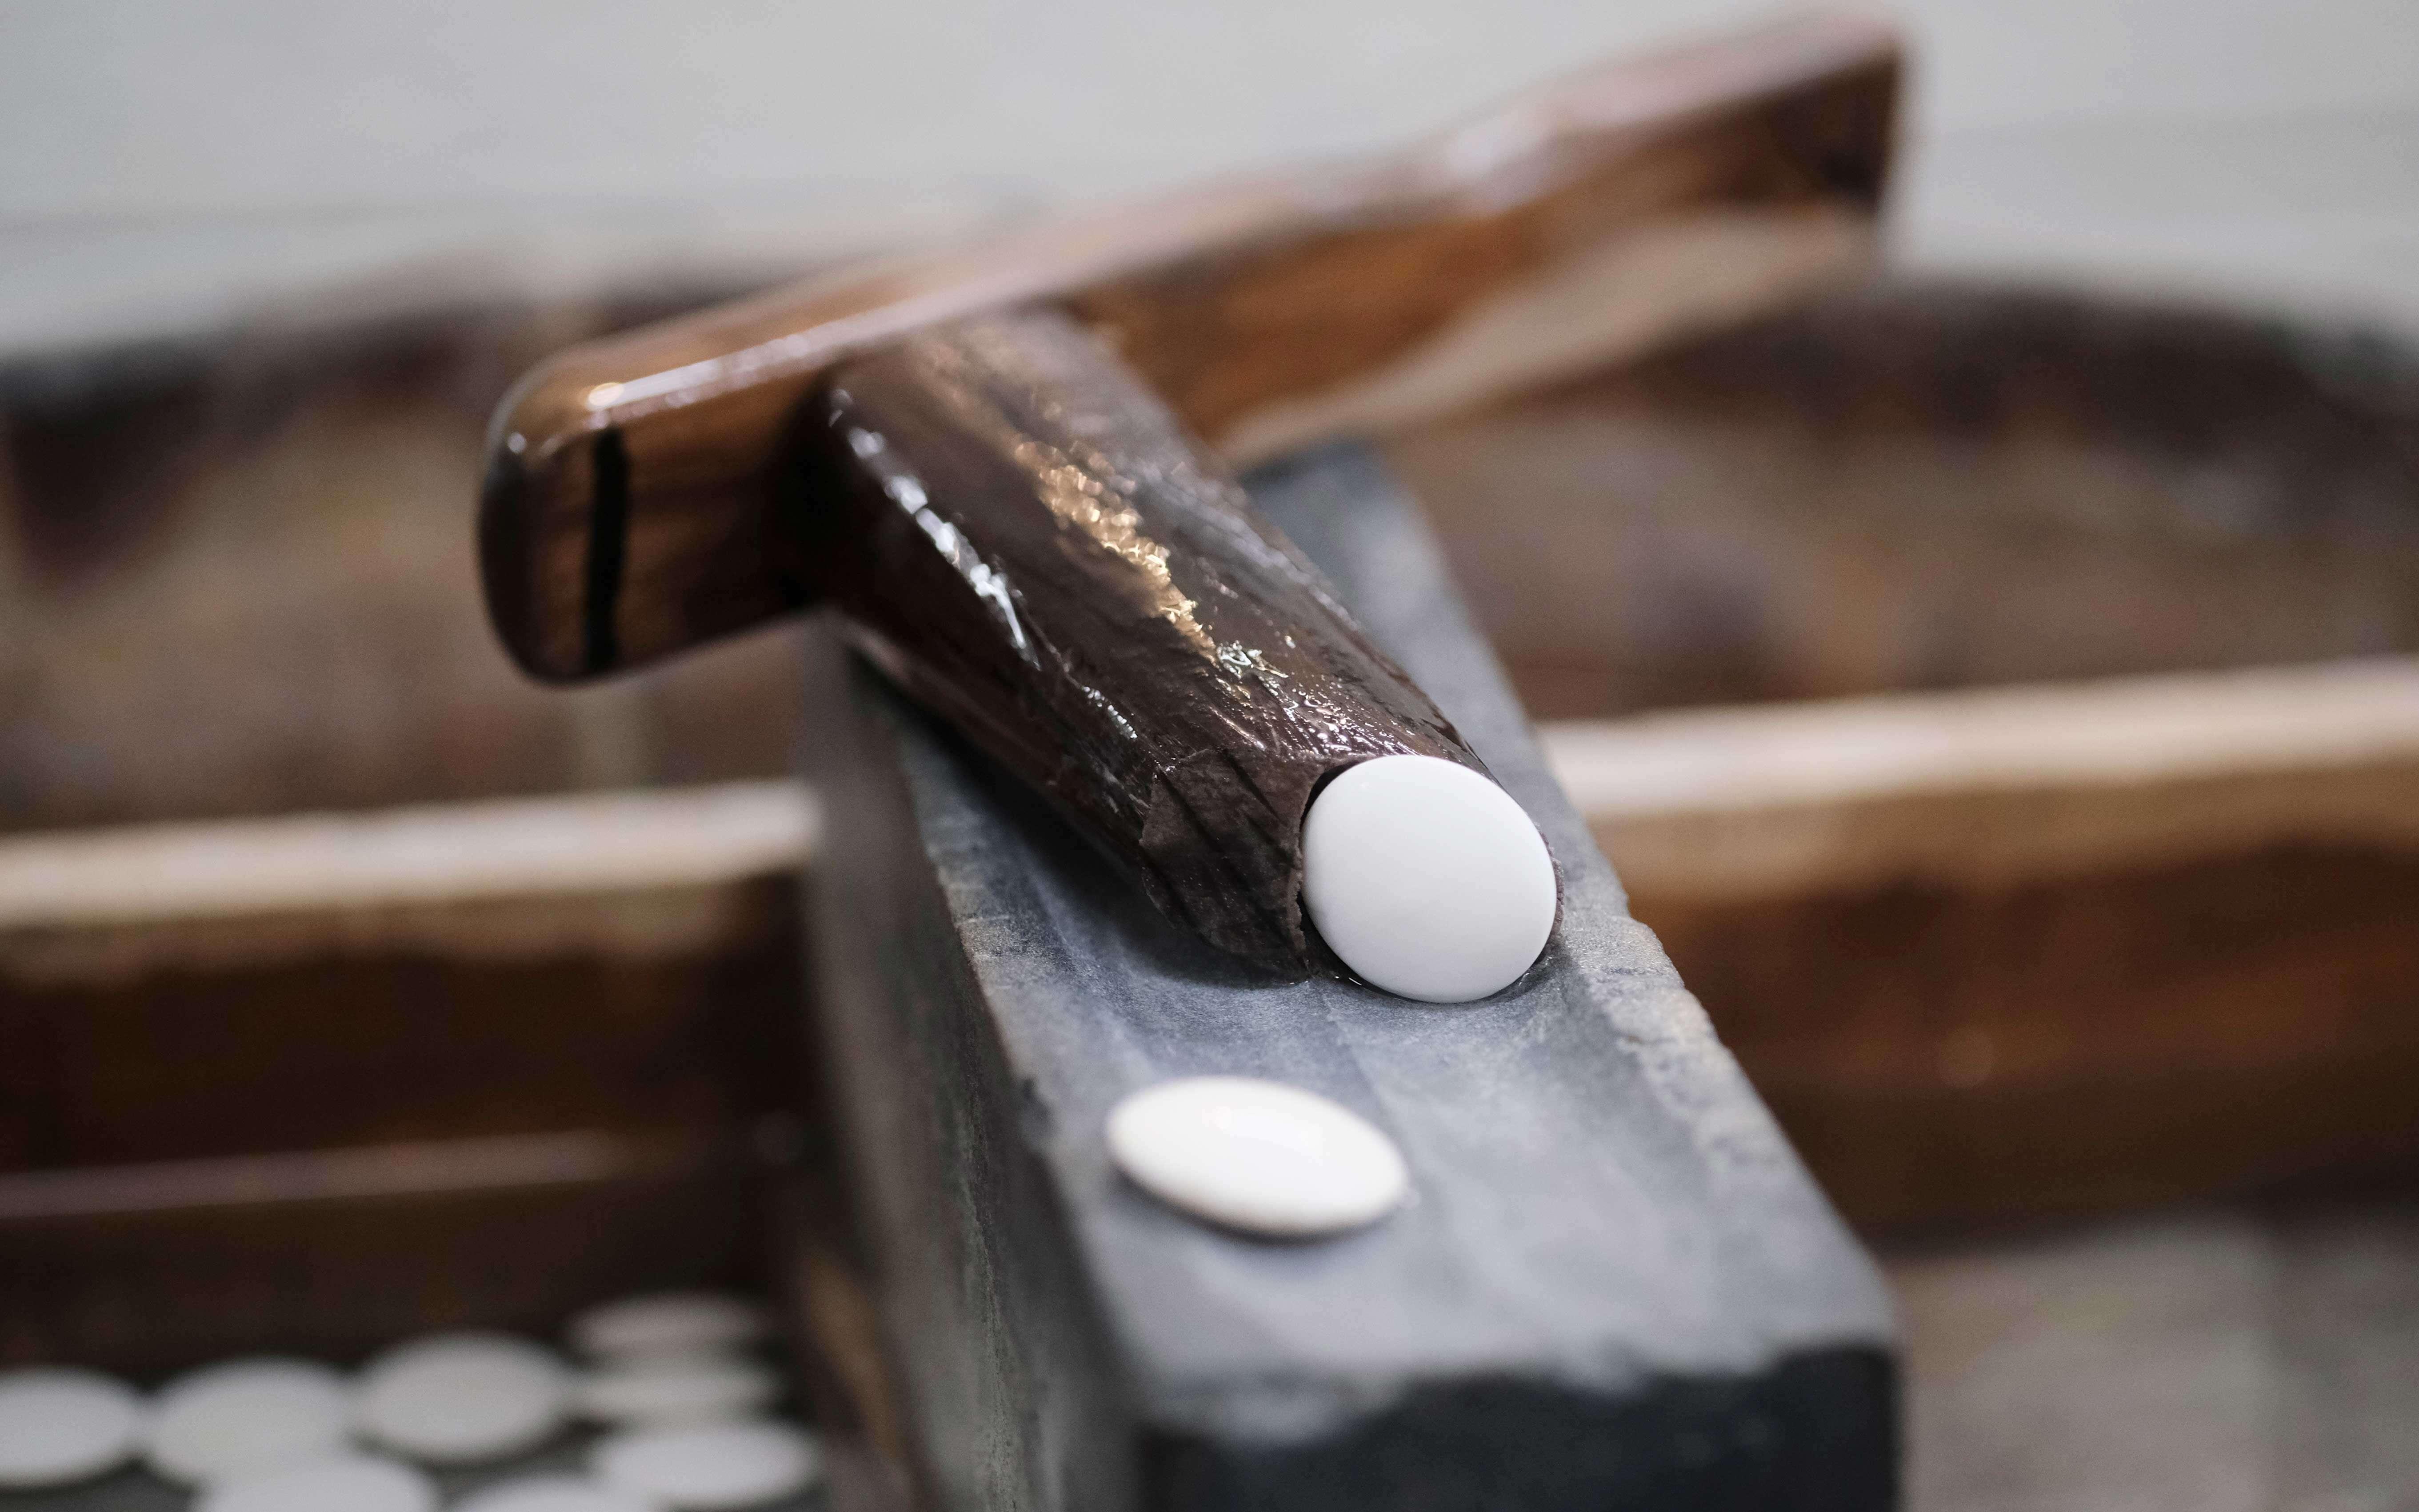 ハマグリ碁石を削る手刷りの道具